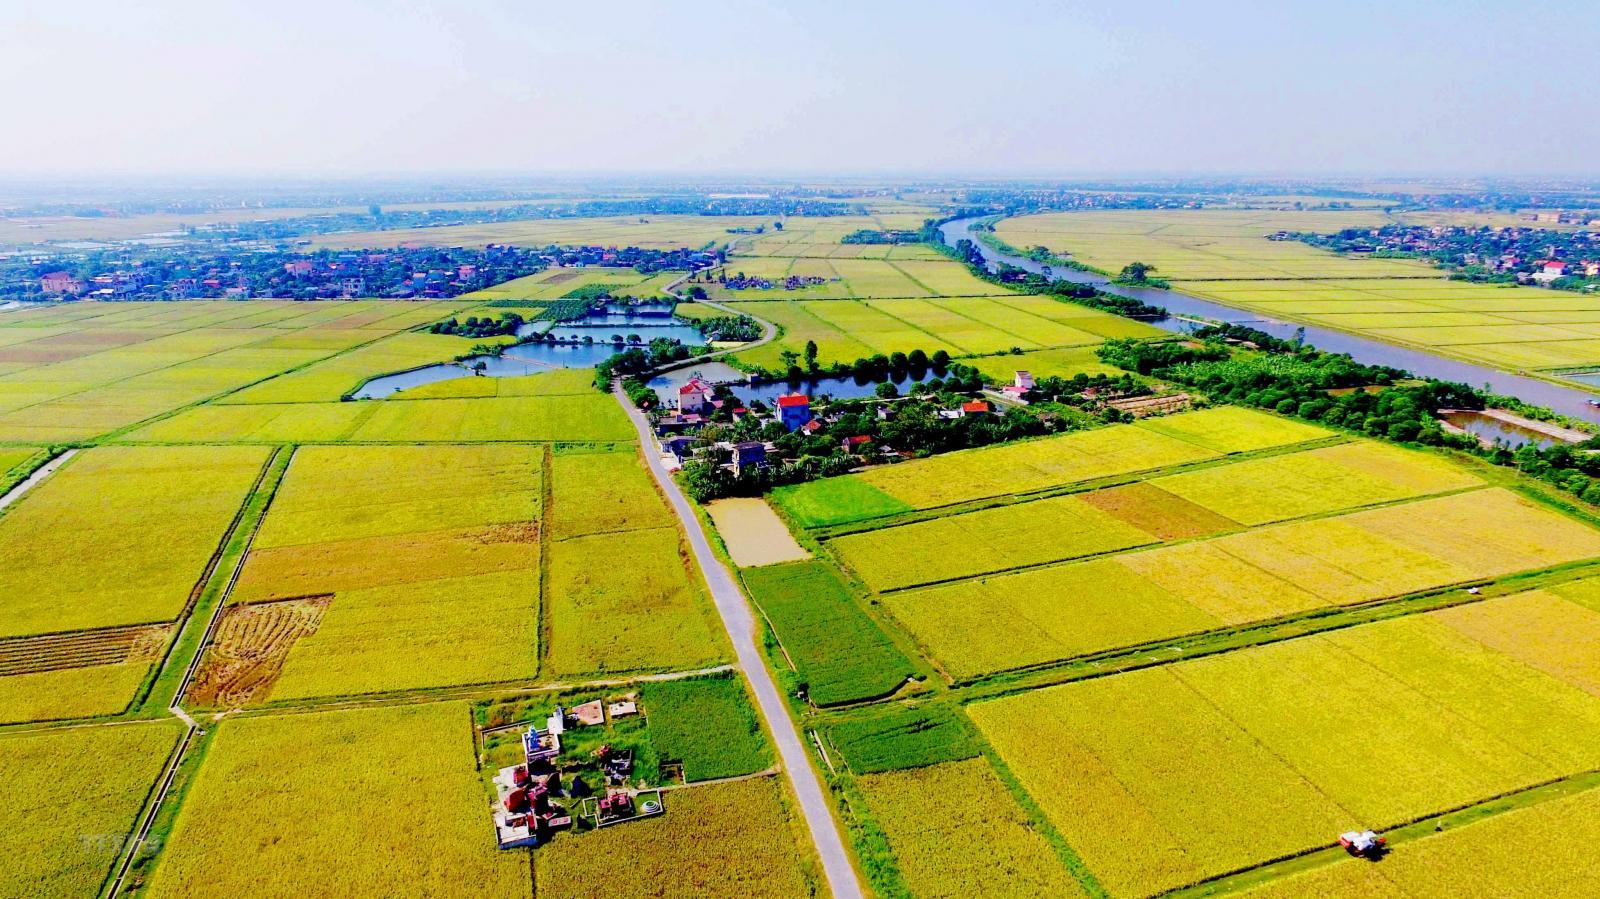 Đất nông nghiệp được Nhà nước chia làm nhiều nhóm nhỏ để dễ quản lý